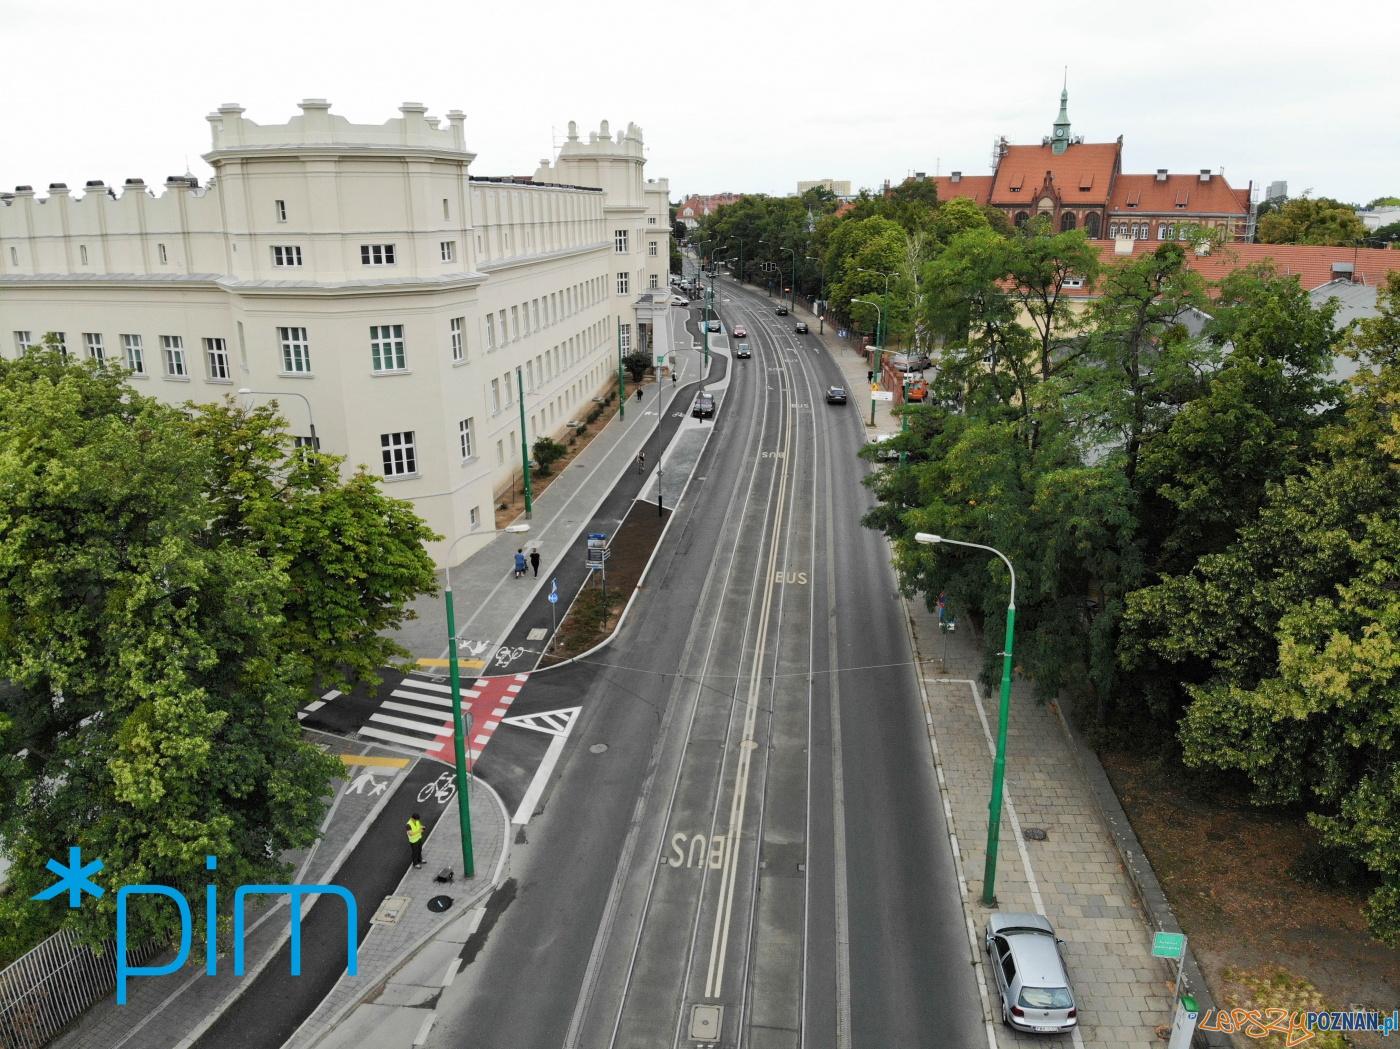 Trasa rowerowa wzdłuż Grunwaldzkiej  Foto: materiały prasowe / PIM